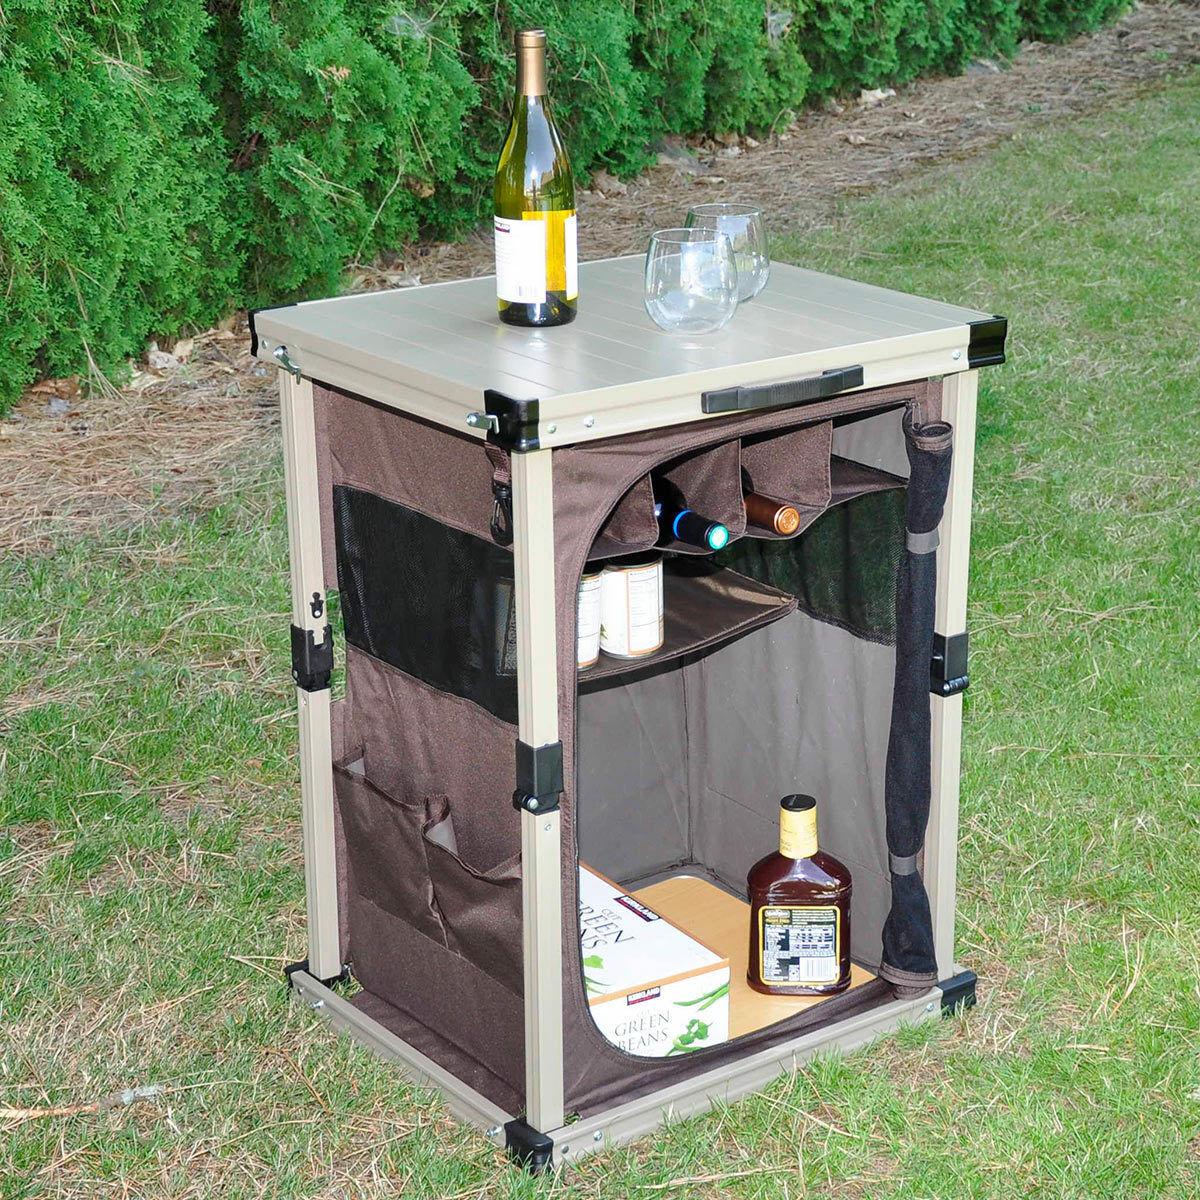 Timber Ridge 25  (64cm)Portable Folding Camp Pantry Camping Hiking Storage Table